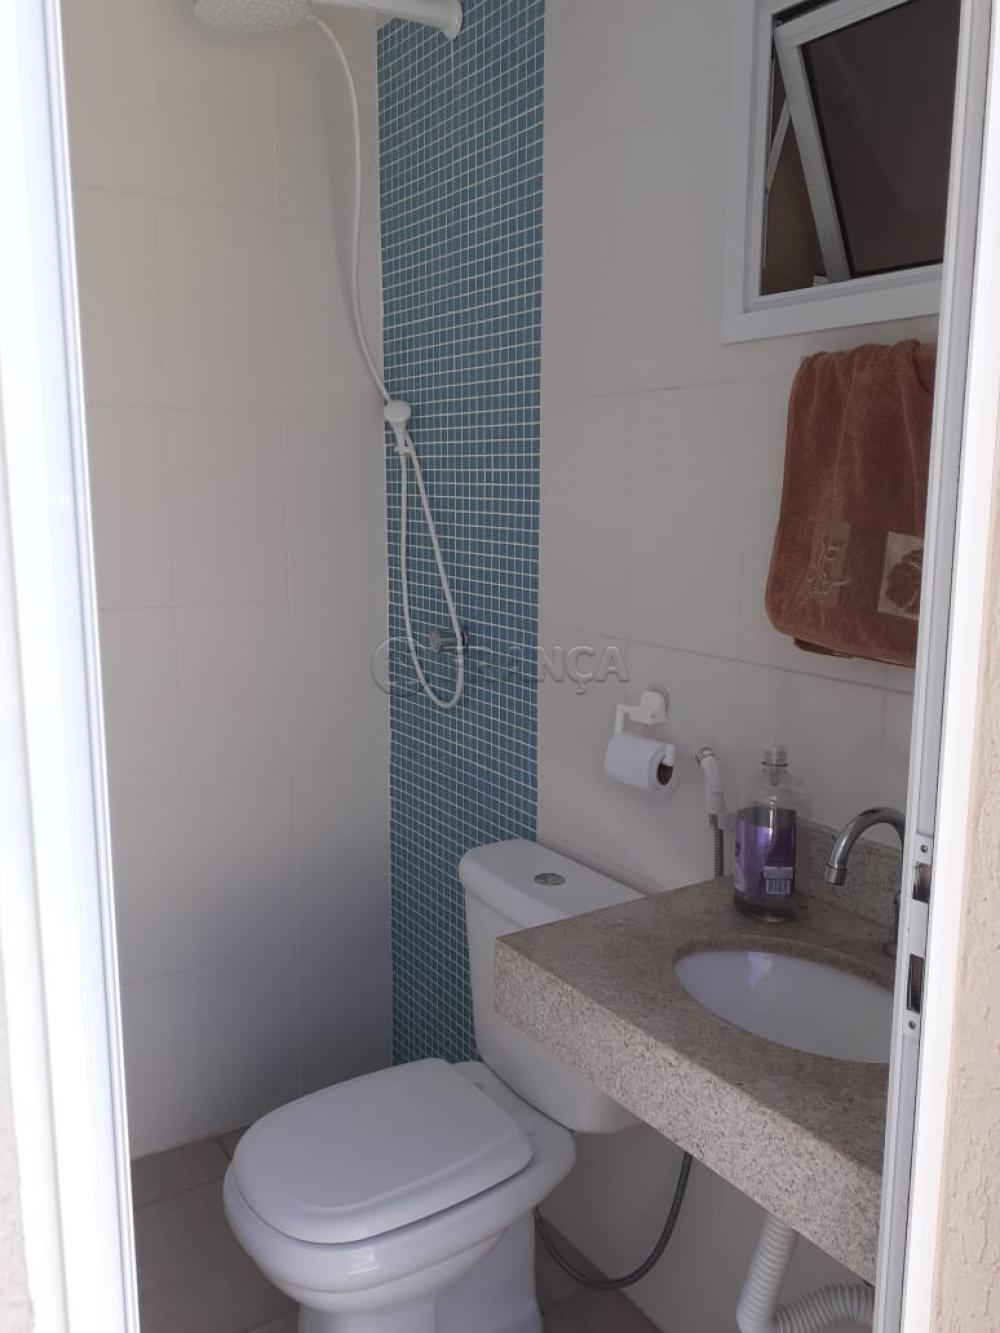 Comprar Casa / Condomínio em Jacareí apenas R$ 750.000,00 - Foto 41